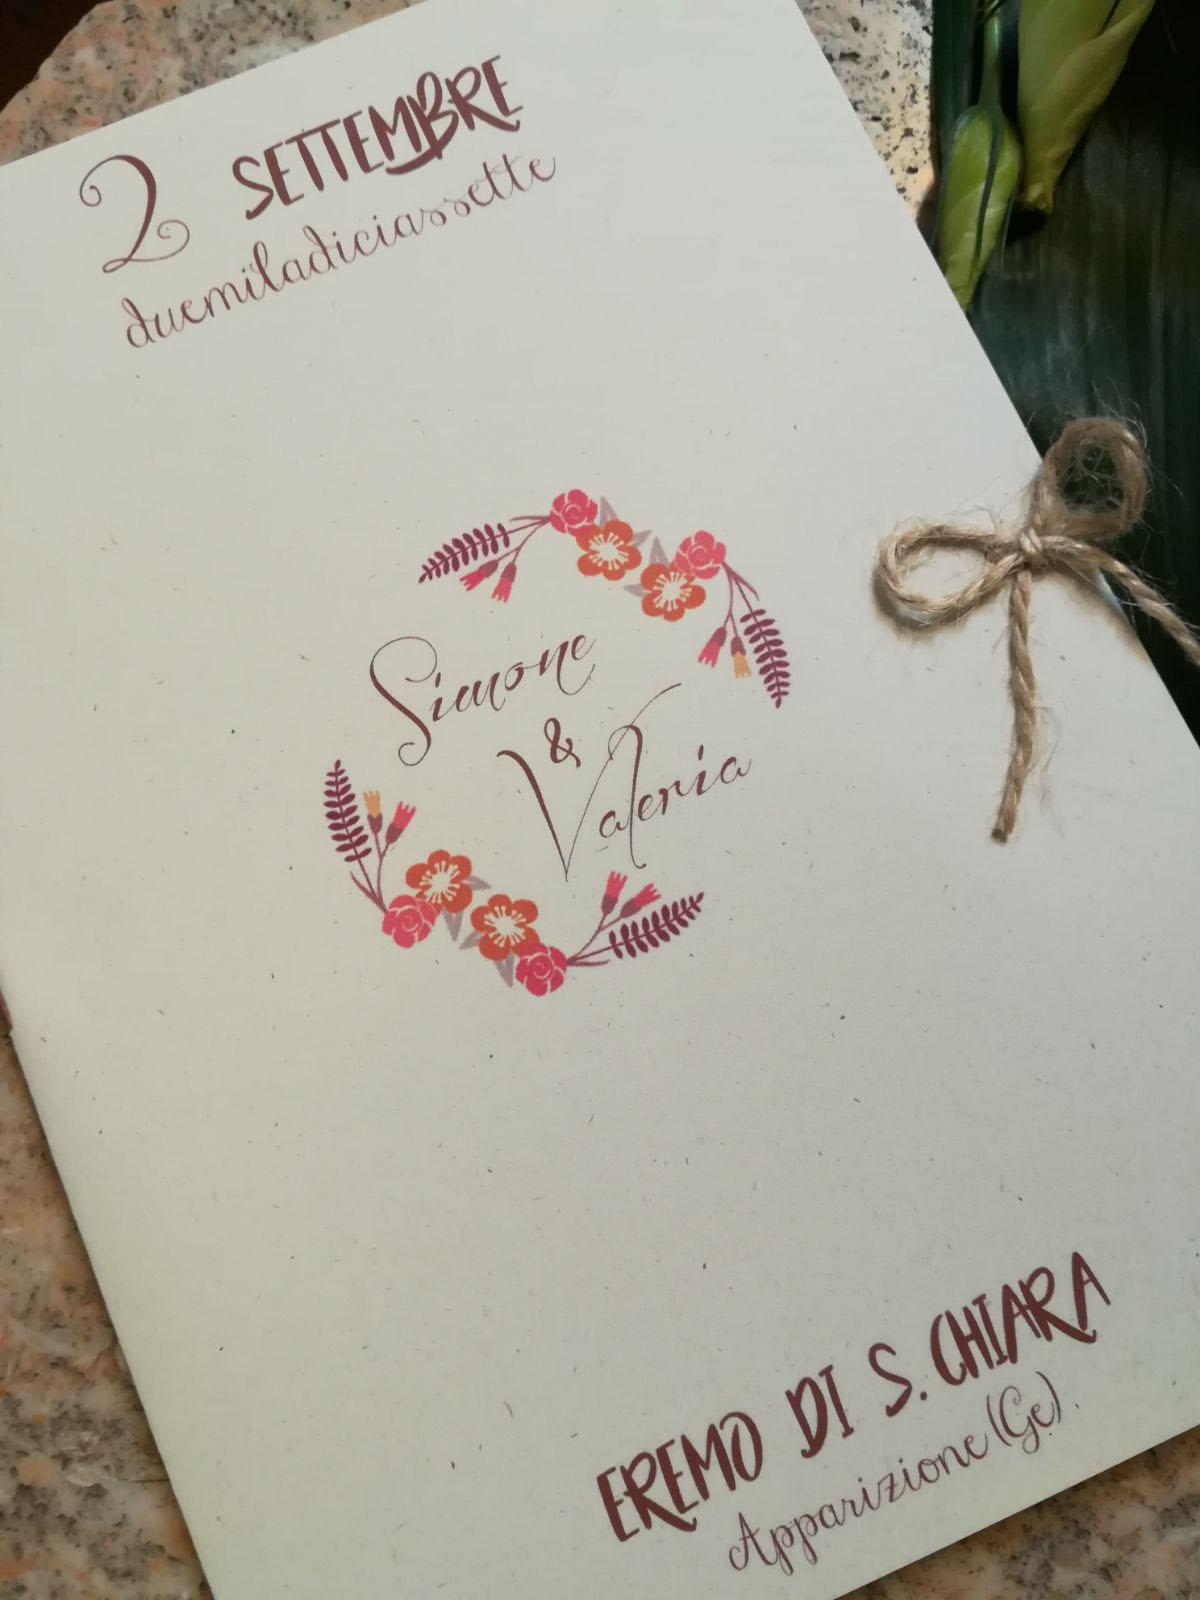 Partecipazioni Matrimonio Genova.Partecipazioni Di Matrimonio Genova Grafica Personalizzata